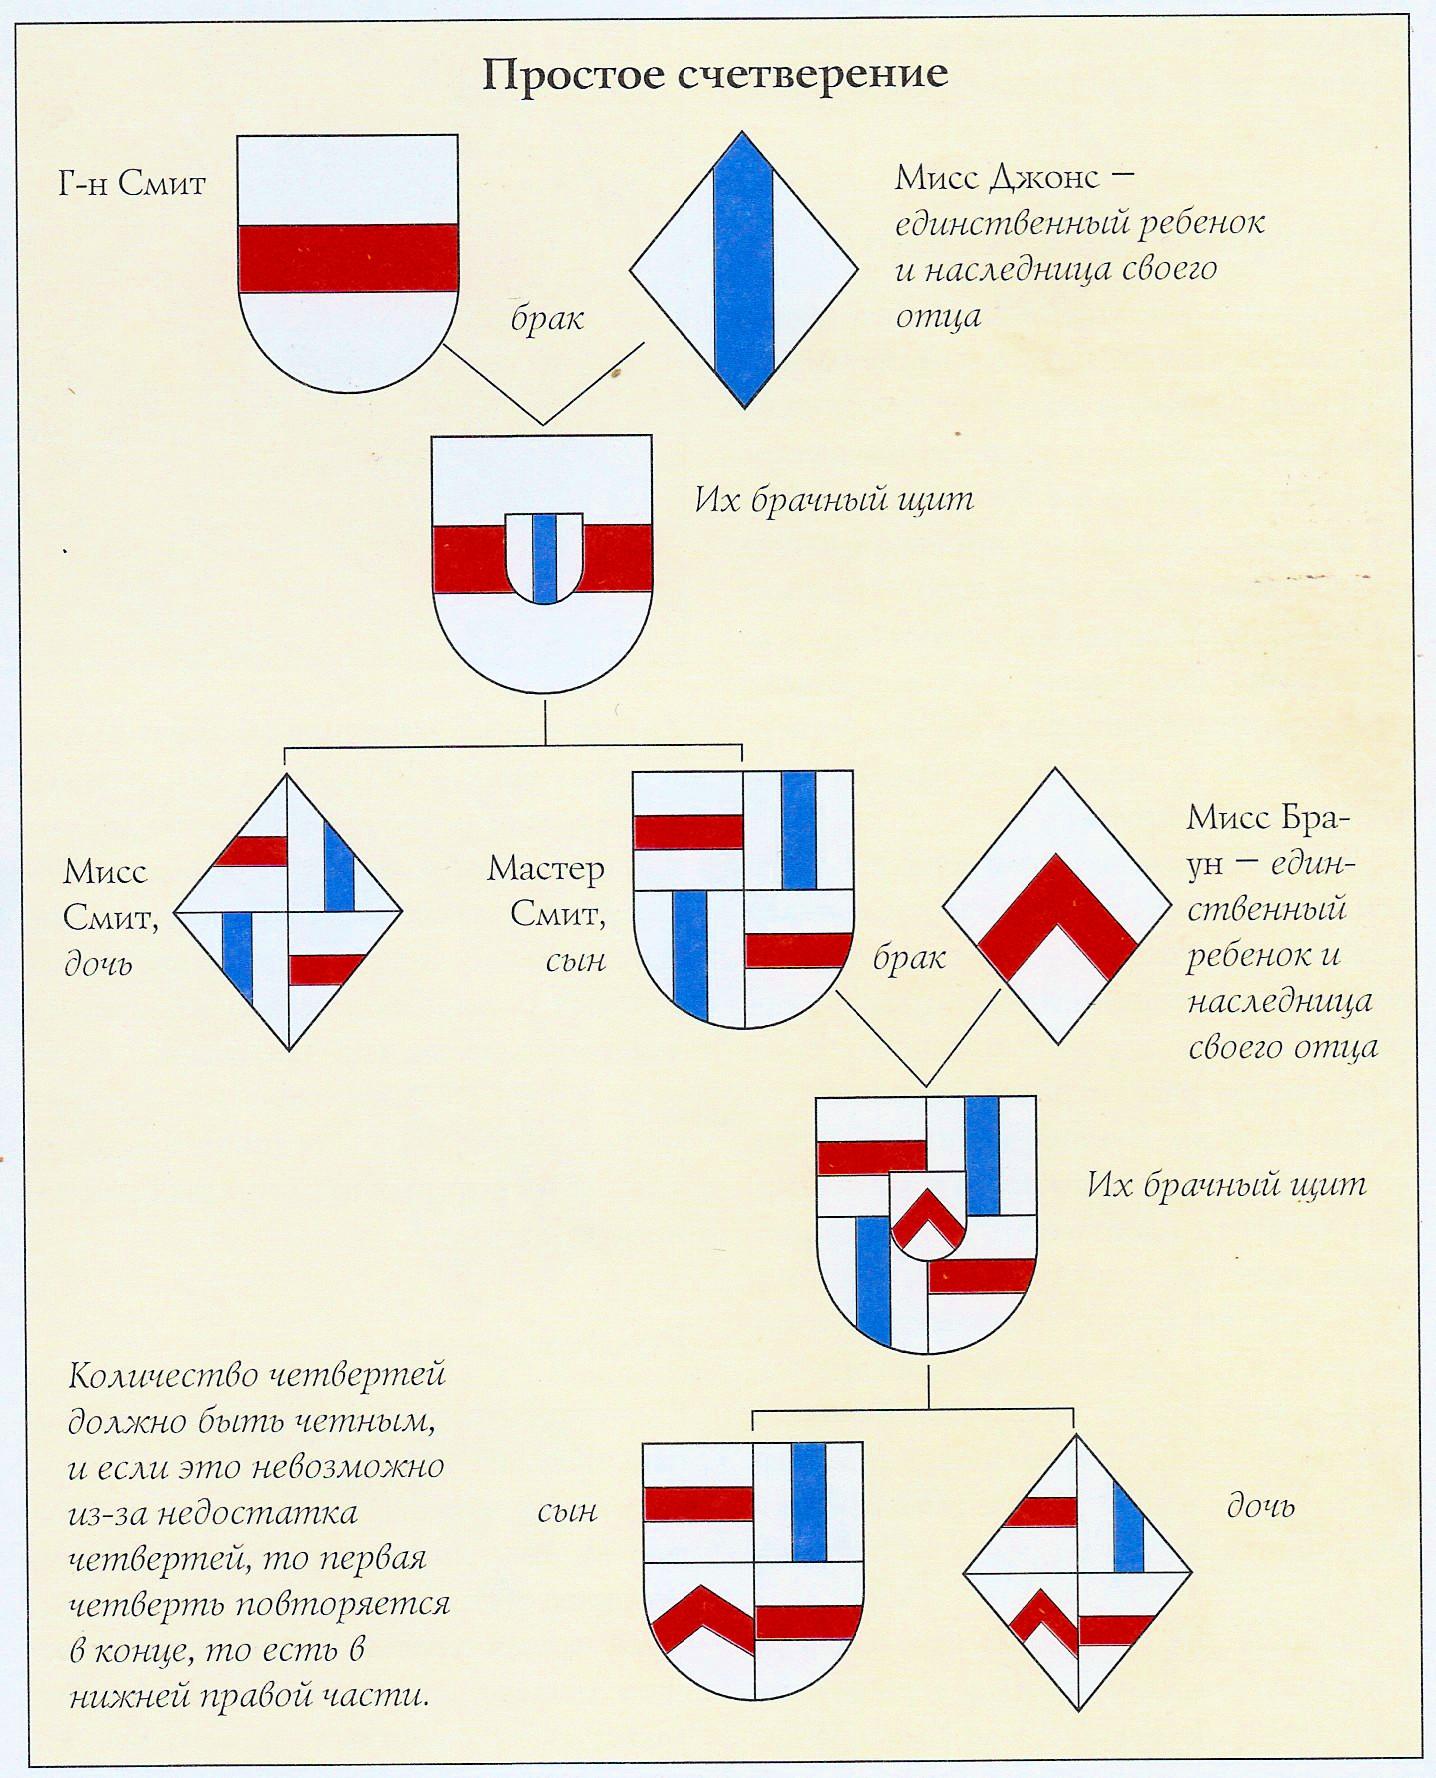 соединенный герб